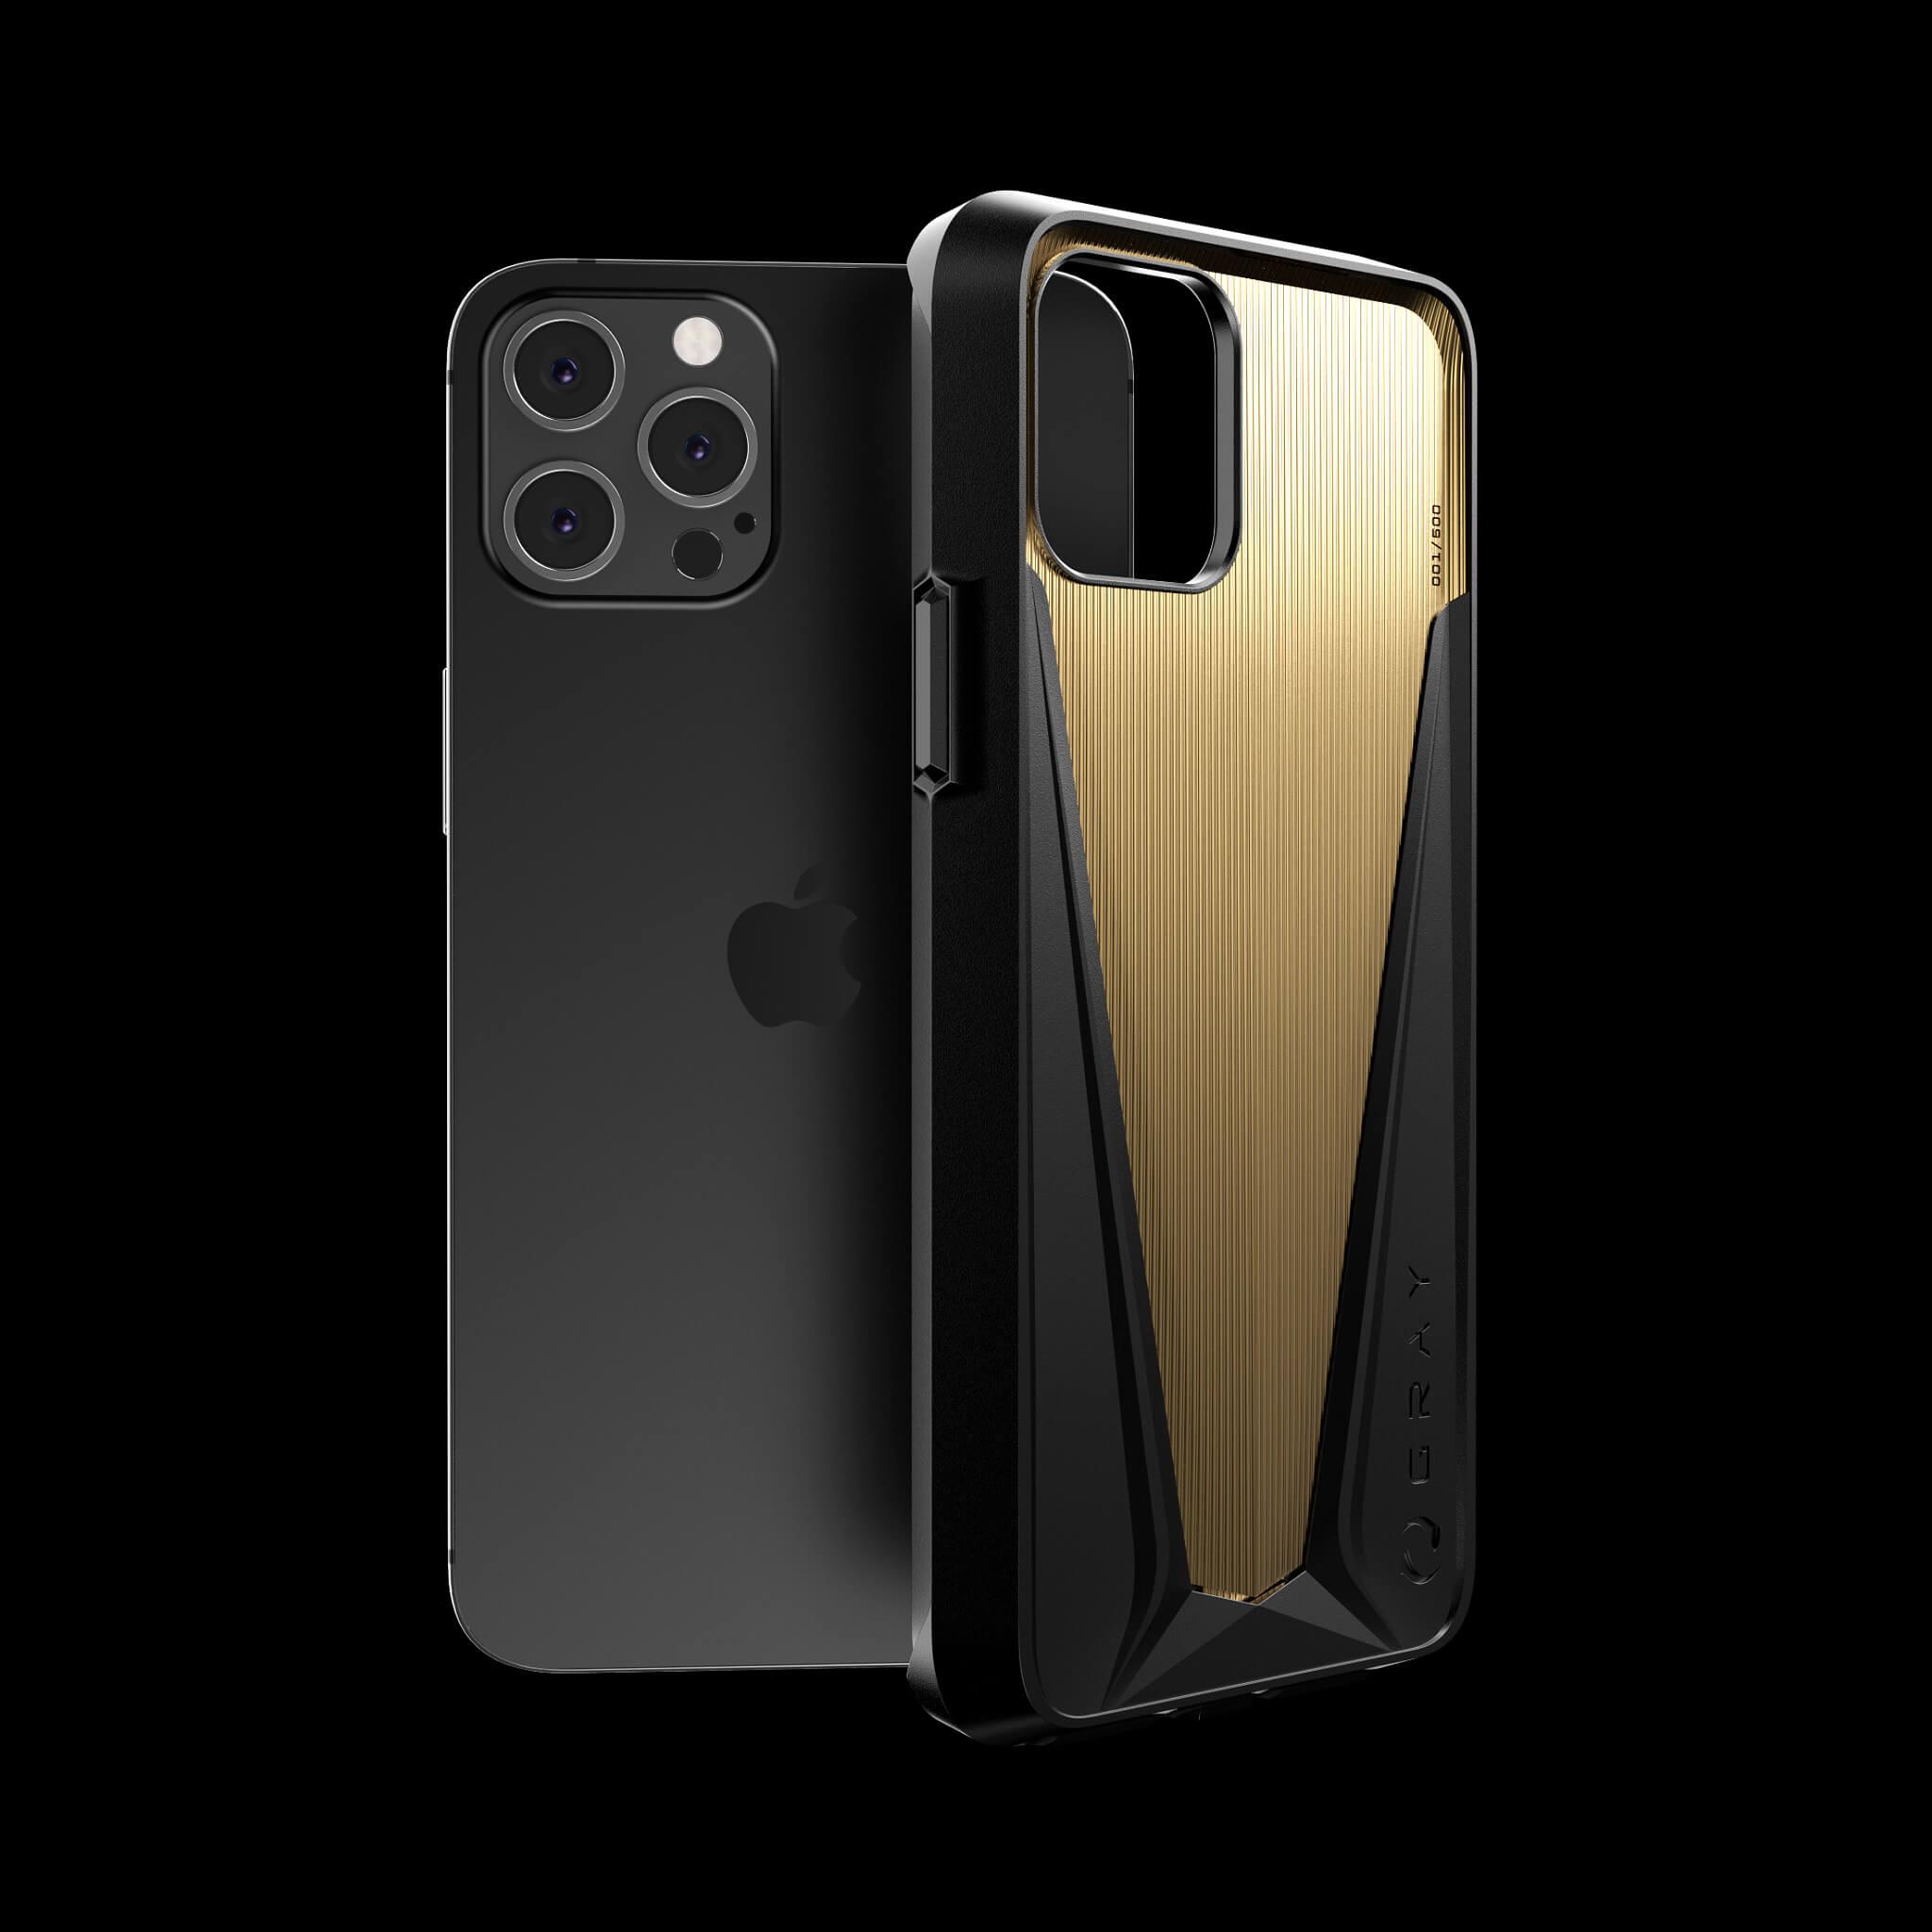 morpheus gold luxury titanium iPhone 12 pro case